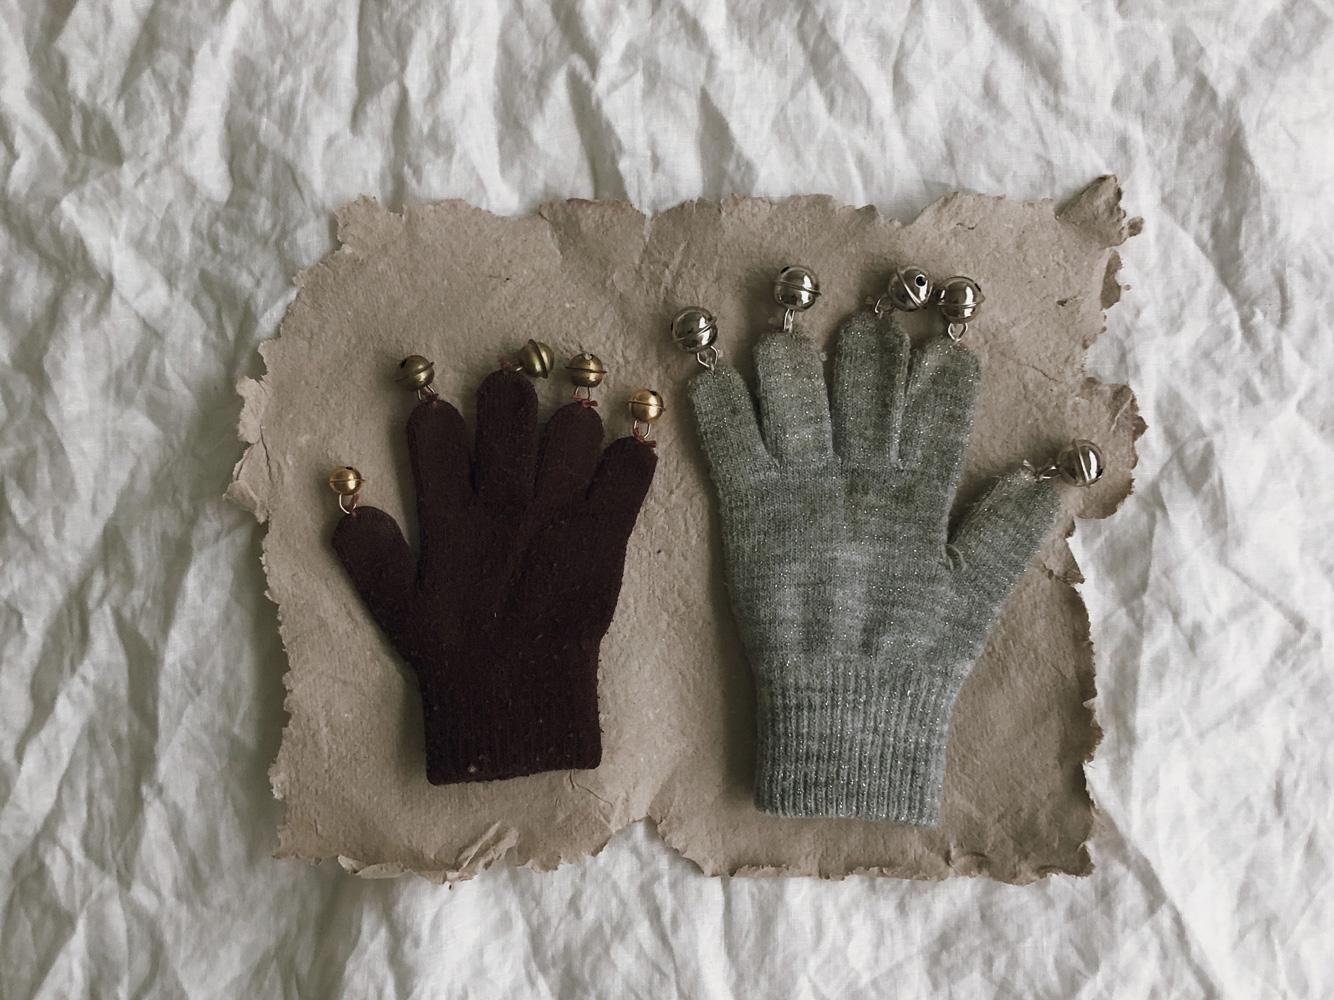 coffeeDIY upcycling Handschuh Musik Instrument Gloeckchen Kinderspielzeug 07 - DIY | Upcycling Musikinstrument aus alten Handschuhen